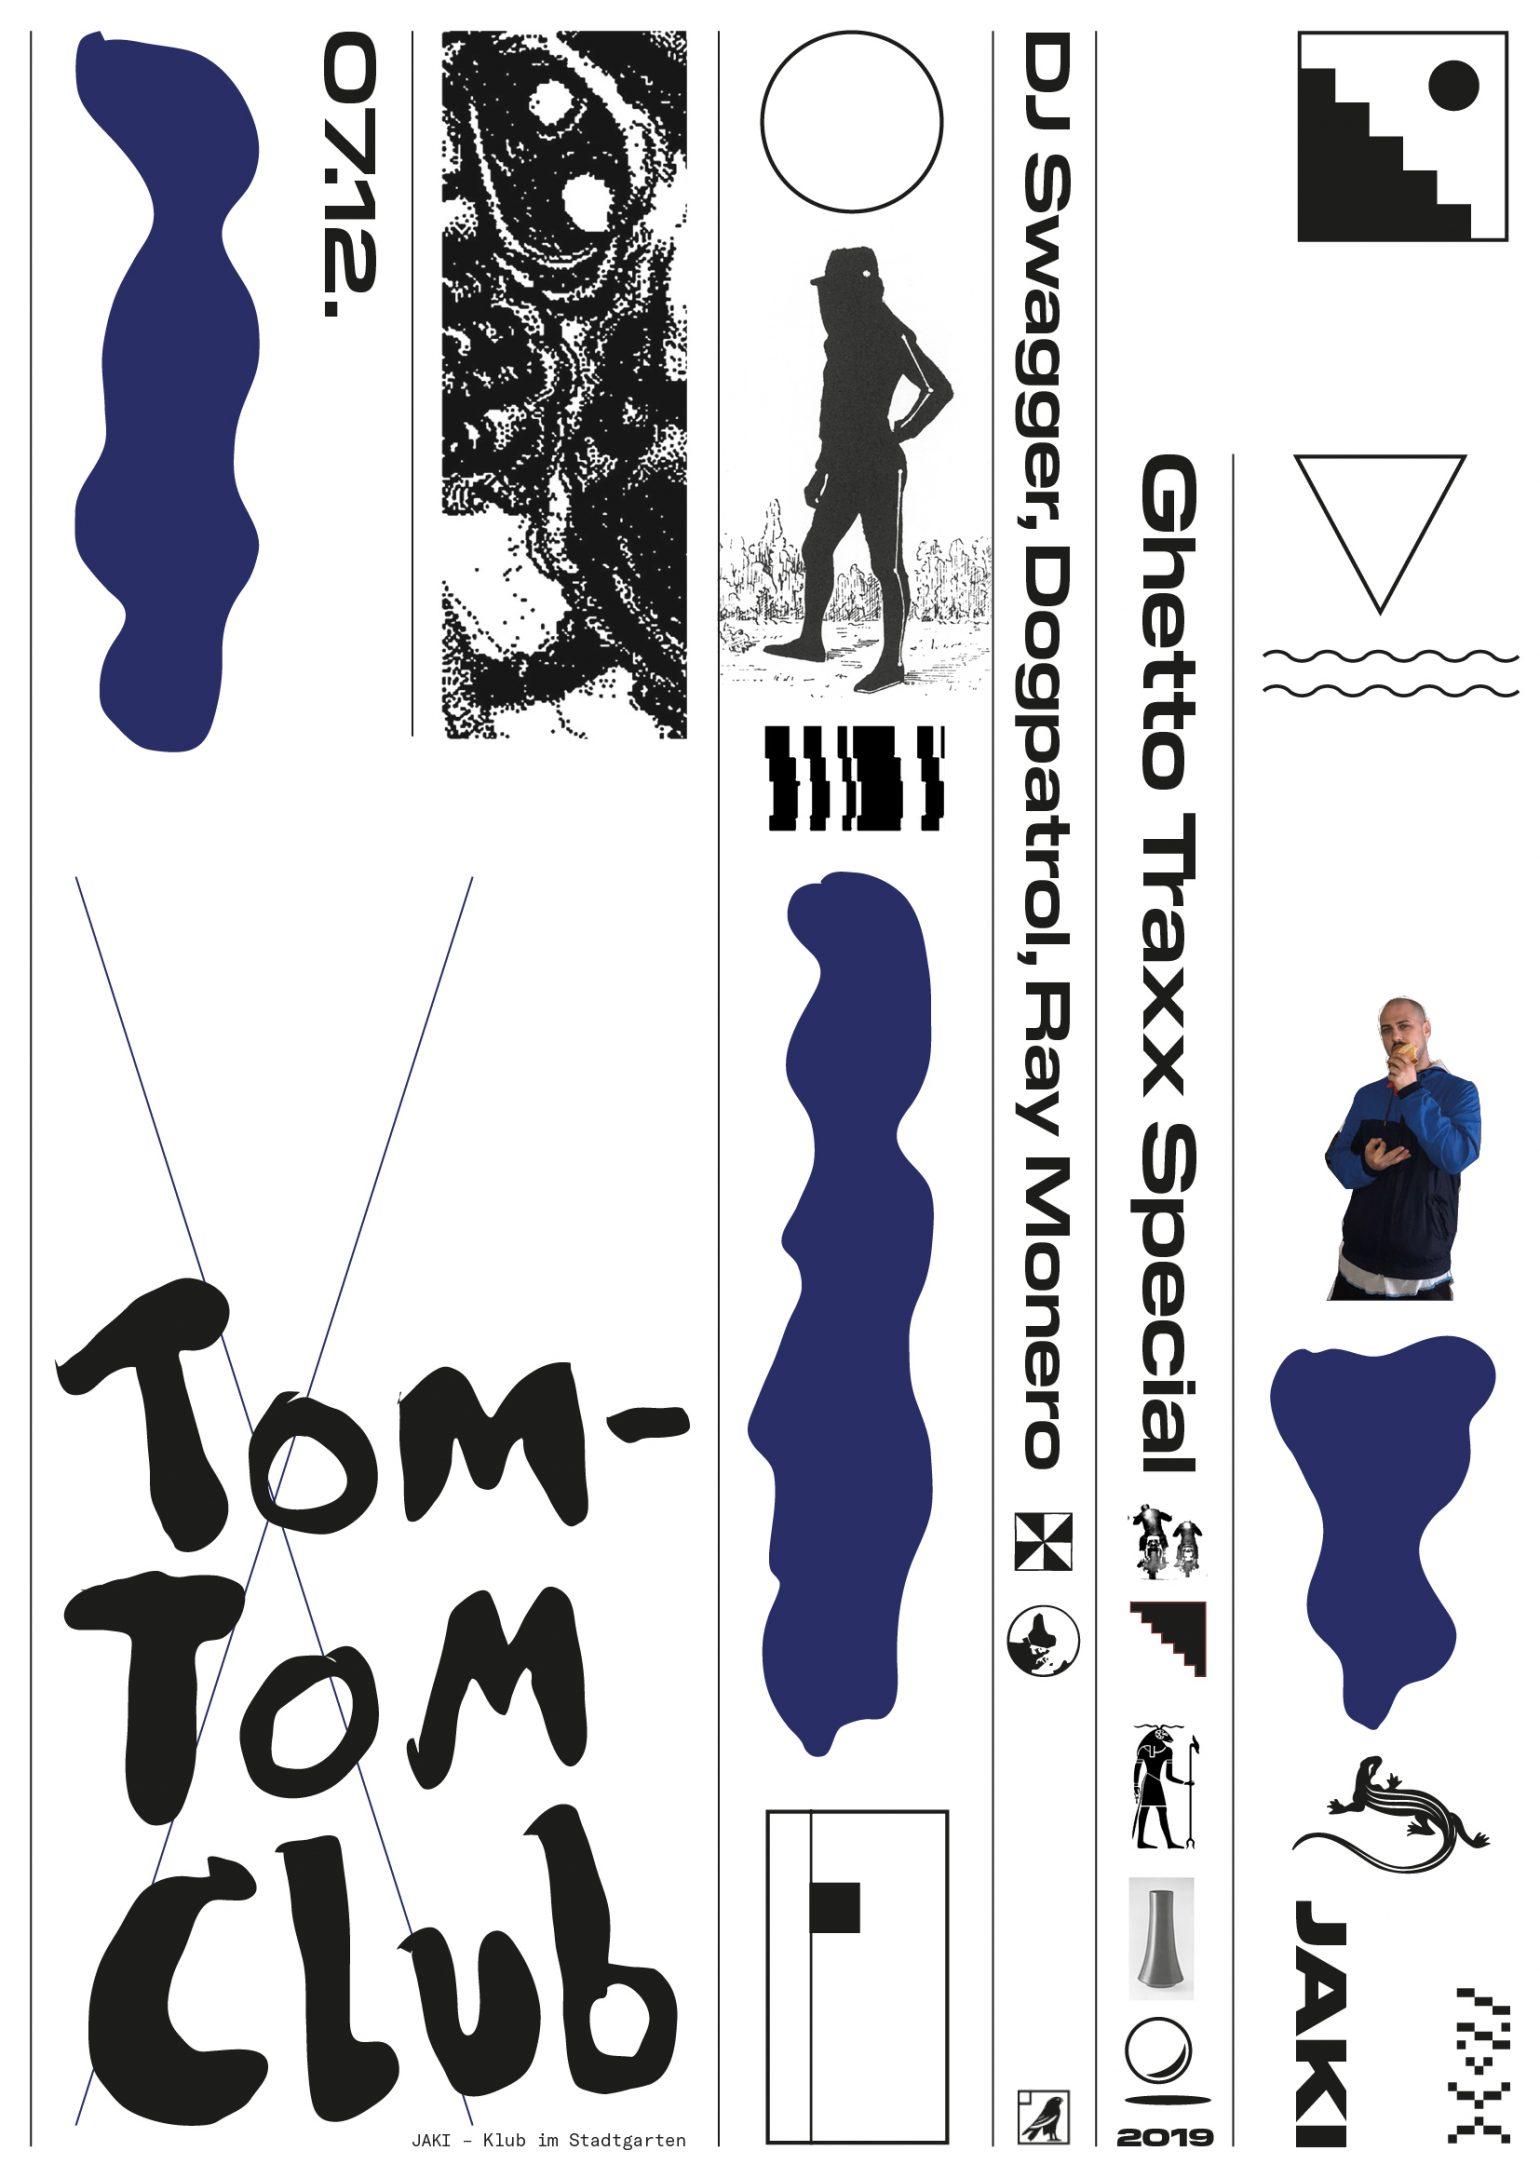 TomTom_Dezember_Einzelposter_1207